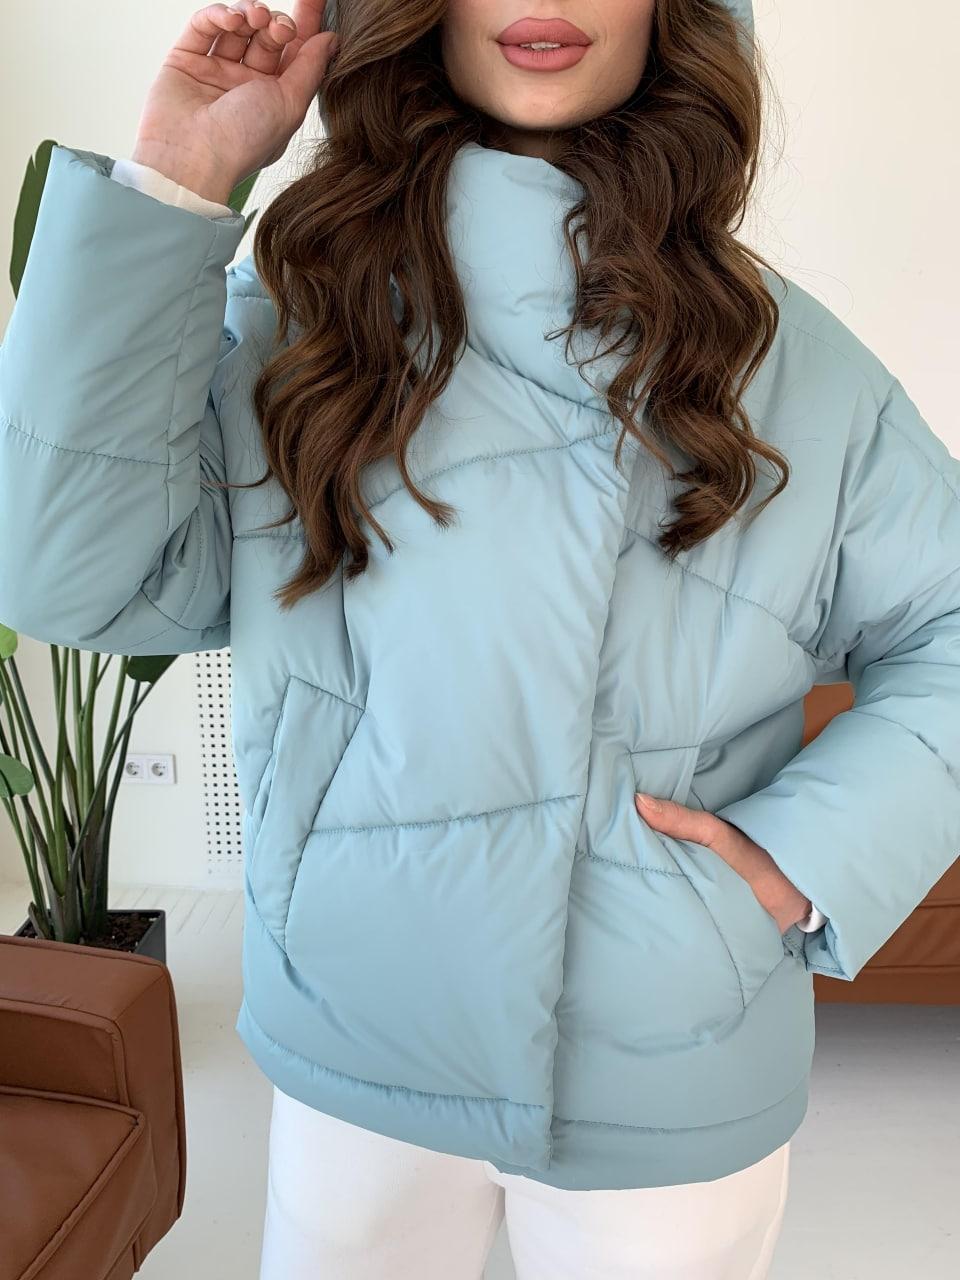 Уно short куртка из плащевой ткани Ammy 10927 АРТ. 47401 Цвет: Олива - фото 1, интернет магазин tm-modus.ru